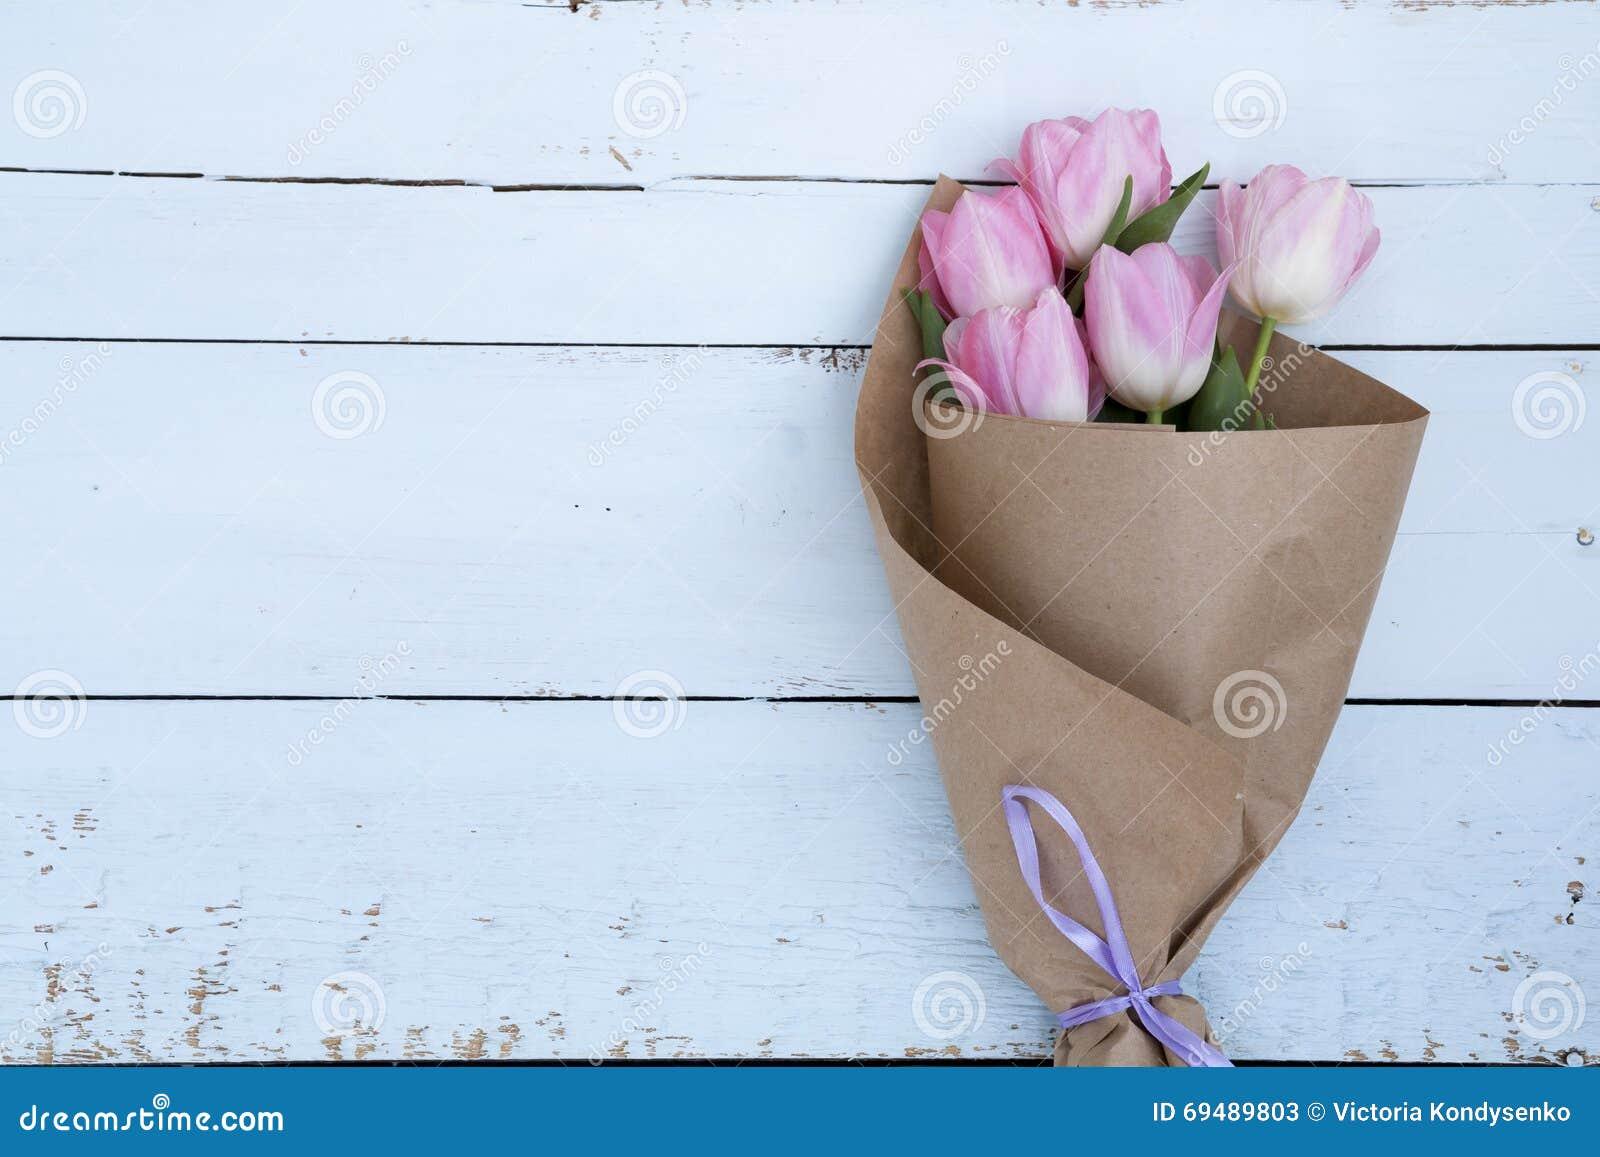 sch ner blumenstrau von rosa tulpen im papier stockfoto. Black Bedroom Furniture Sets. Home Design Ideas